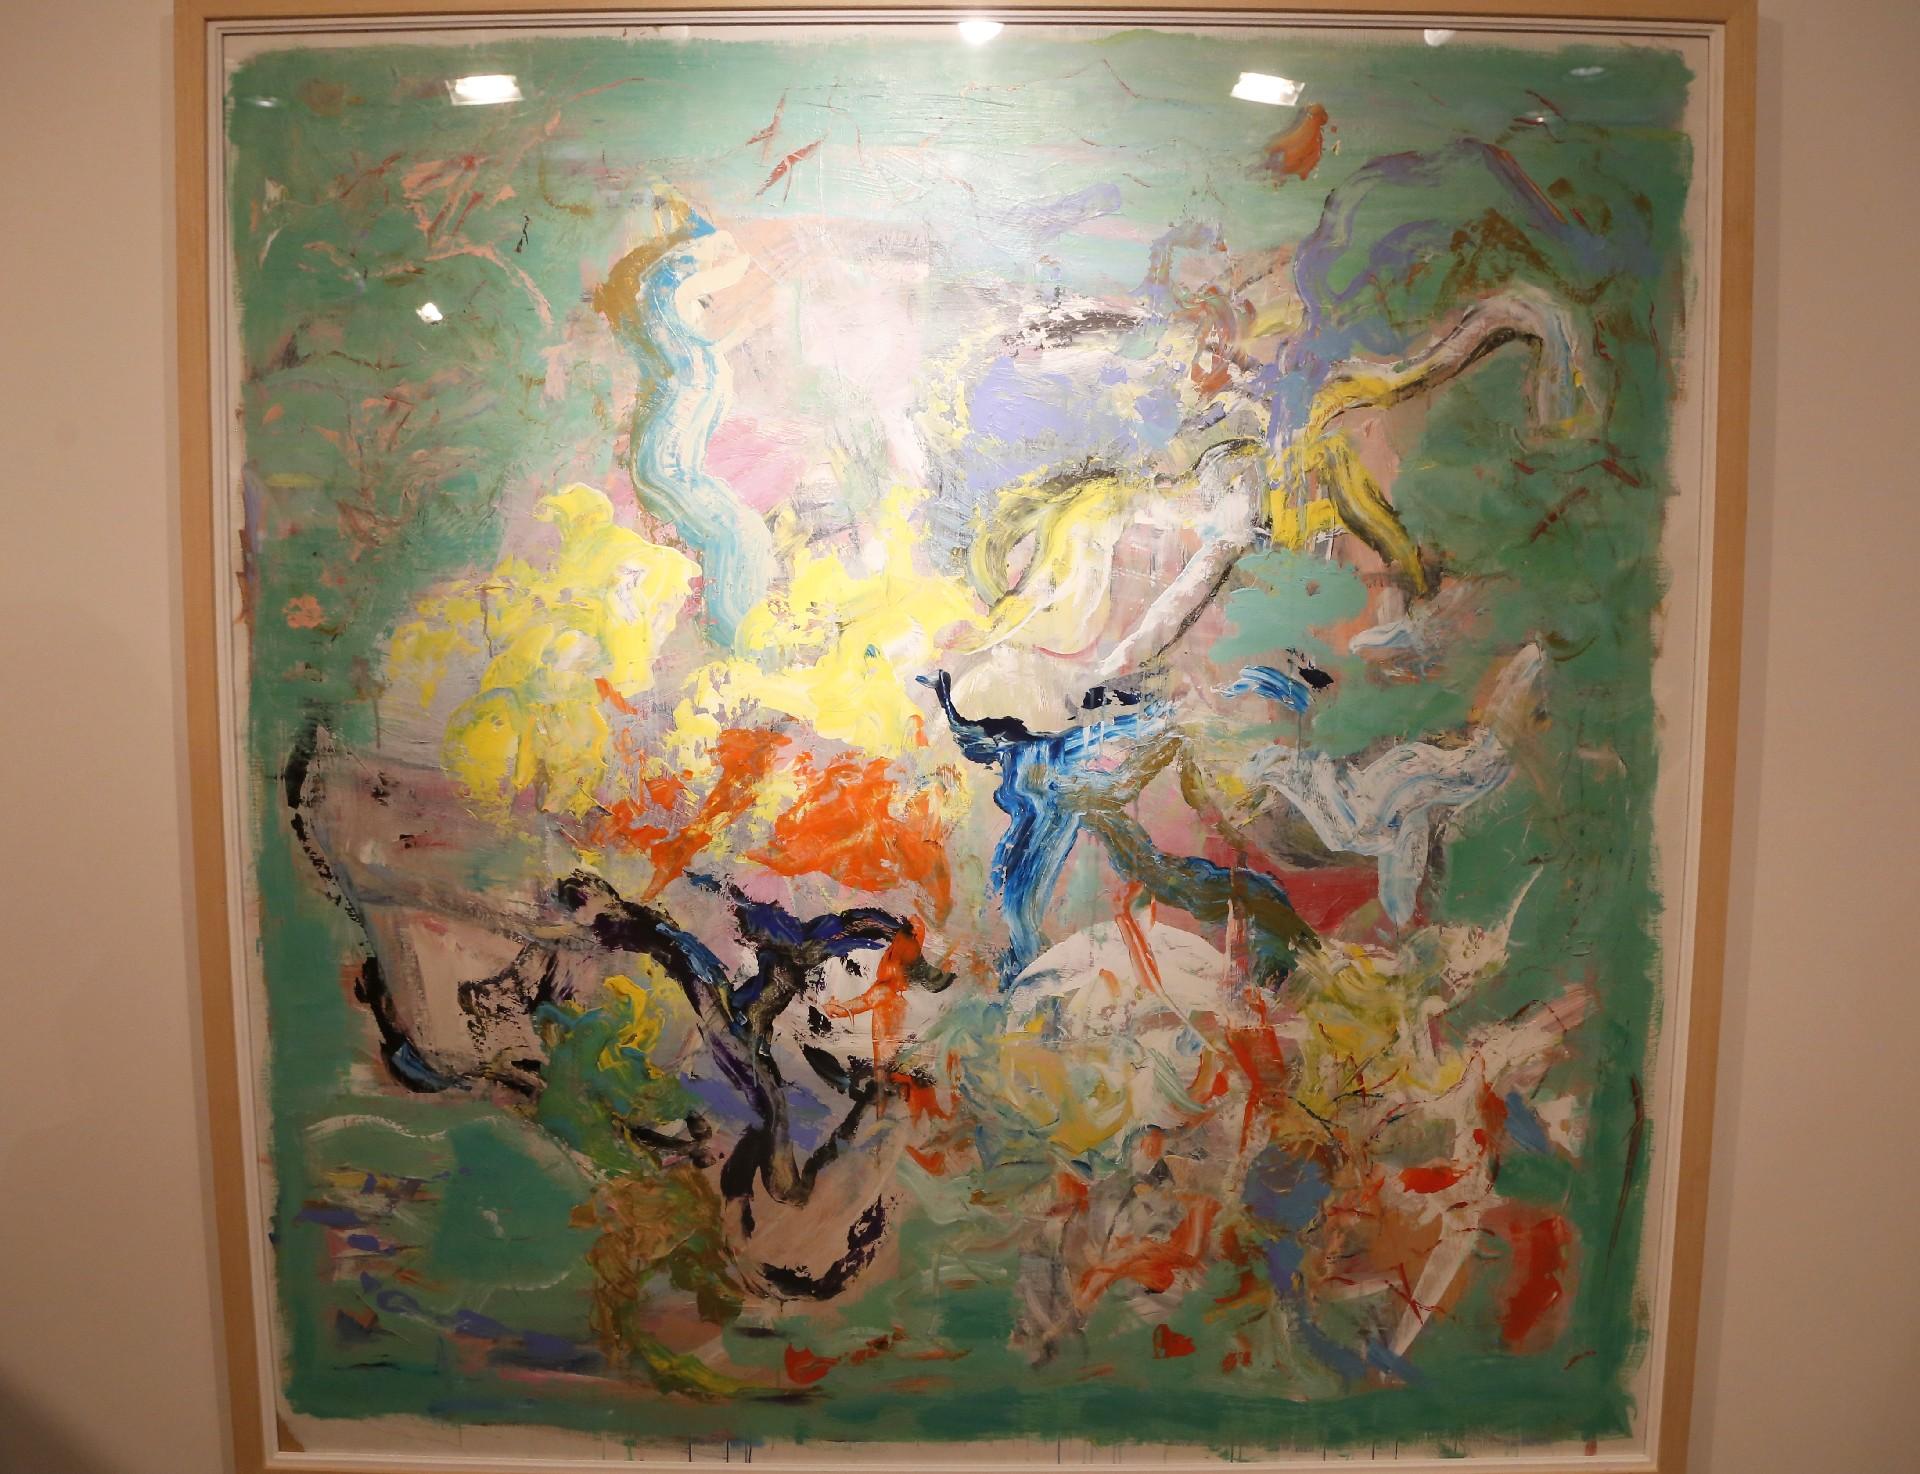 Las obras de Flavia Martini